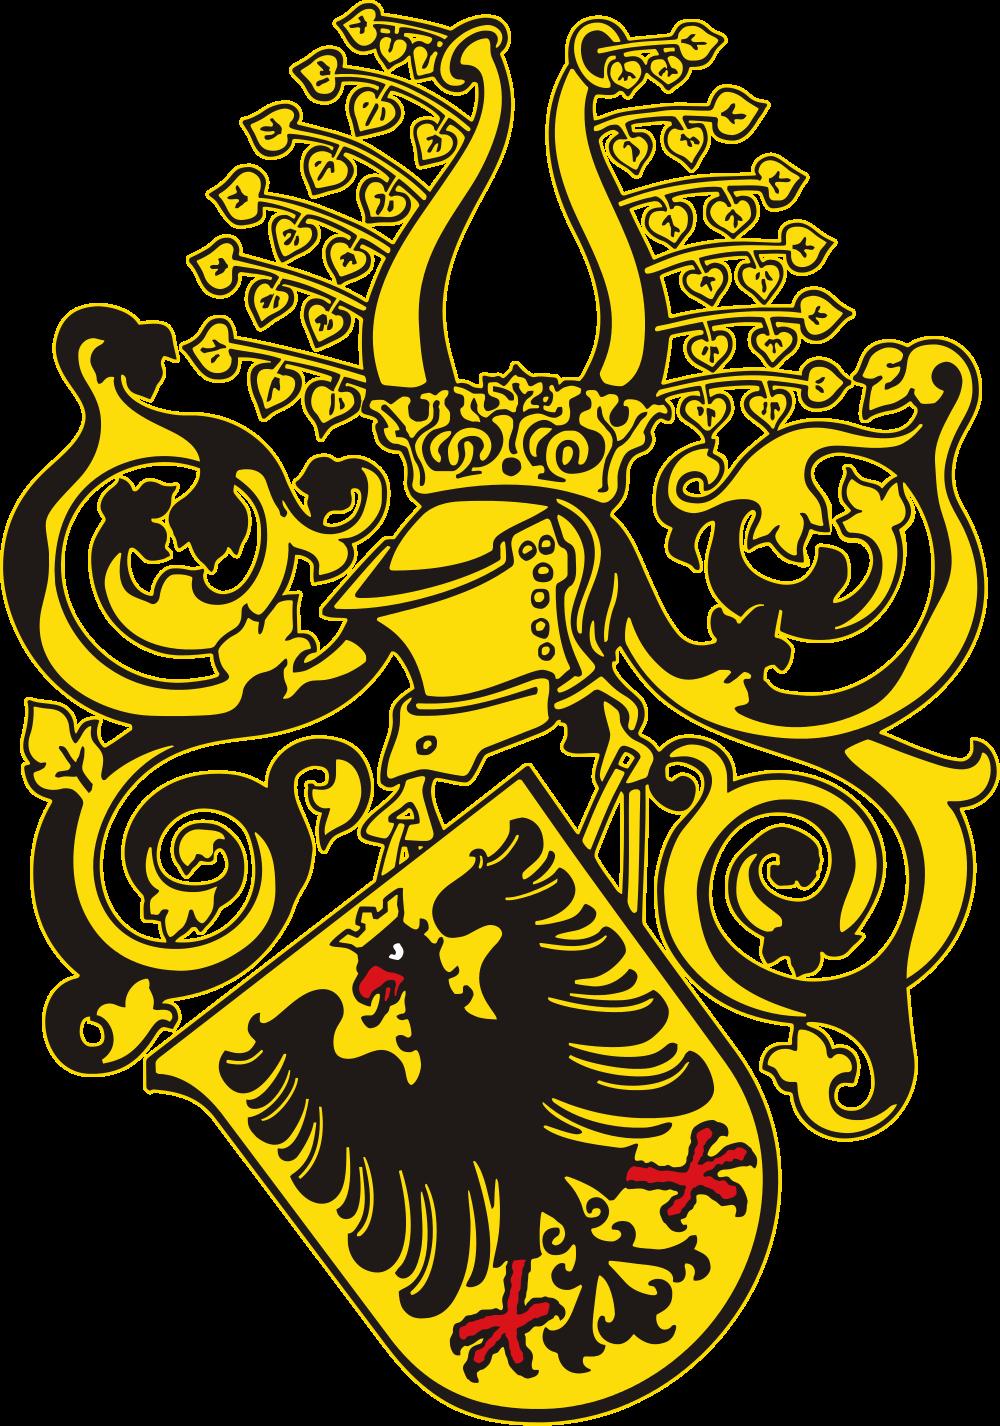 File:Wappen der Stadt Nordhausen.svg.